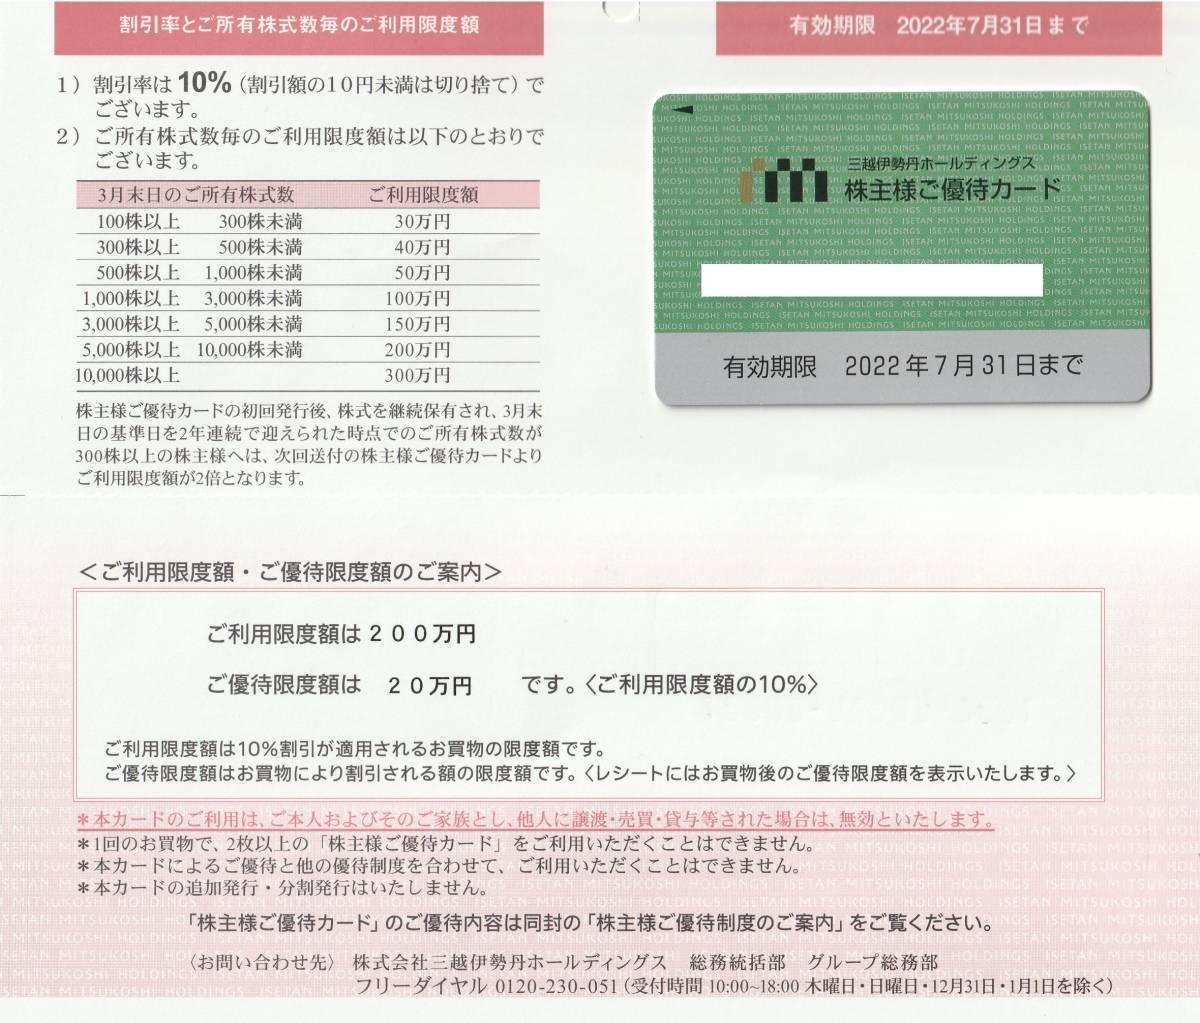 三越伊勢丹ホールディングス 株主優待カード ご利用限度額 200万円 2022年7月31日まで 男性名義ですが女性も可 株主様ご優待カード_画像1